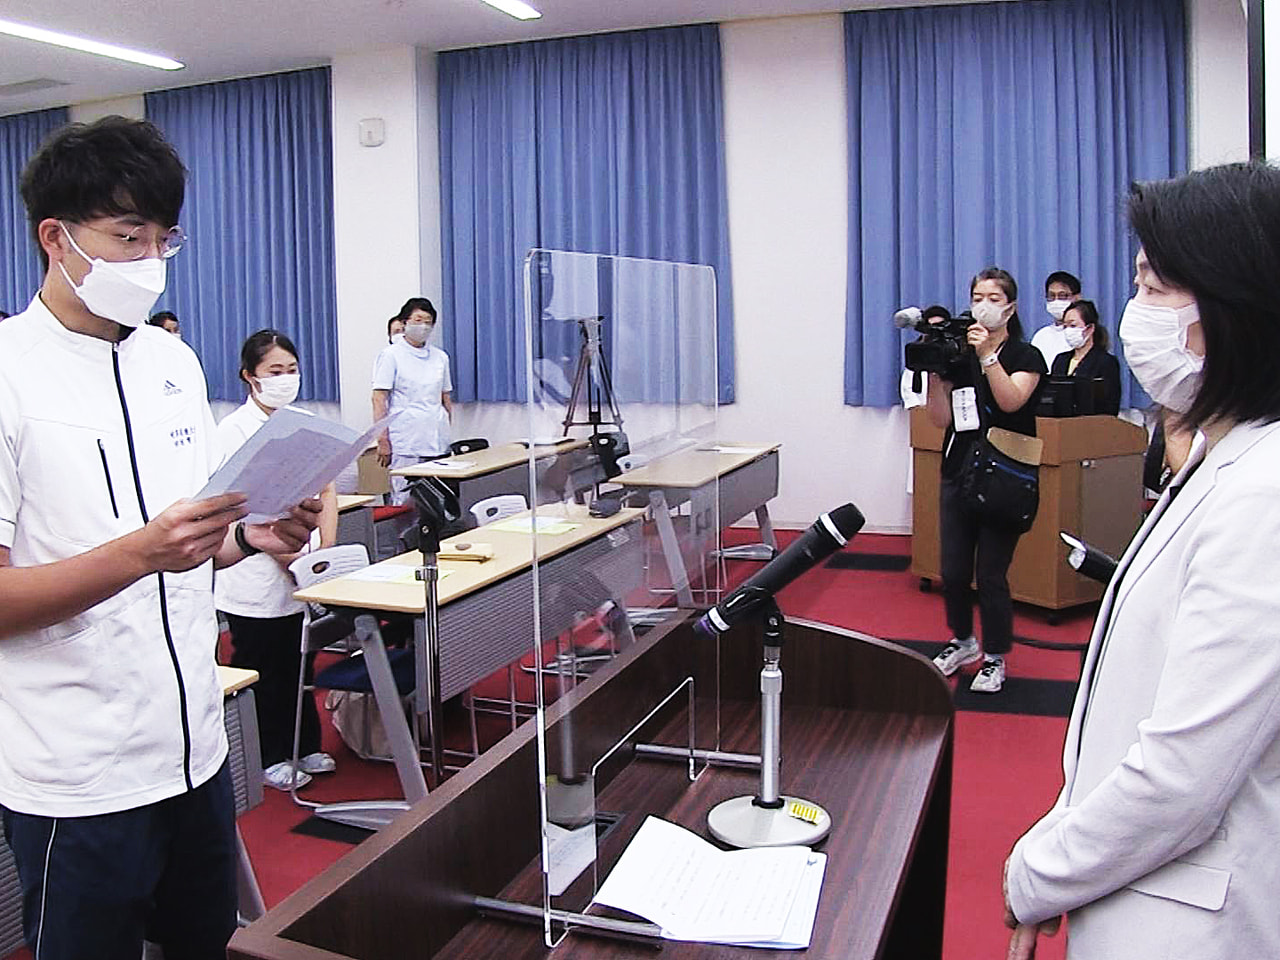 岐阜市の岐阜保健大学で看護職を目指す学生の宣誓式があり、学生らが思いを新たにしま...